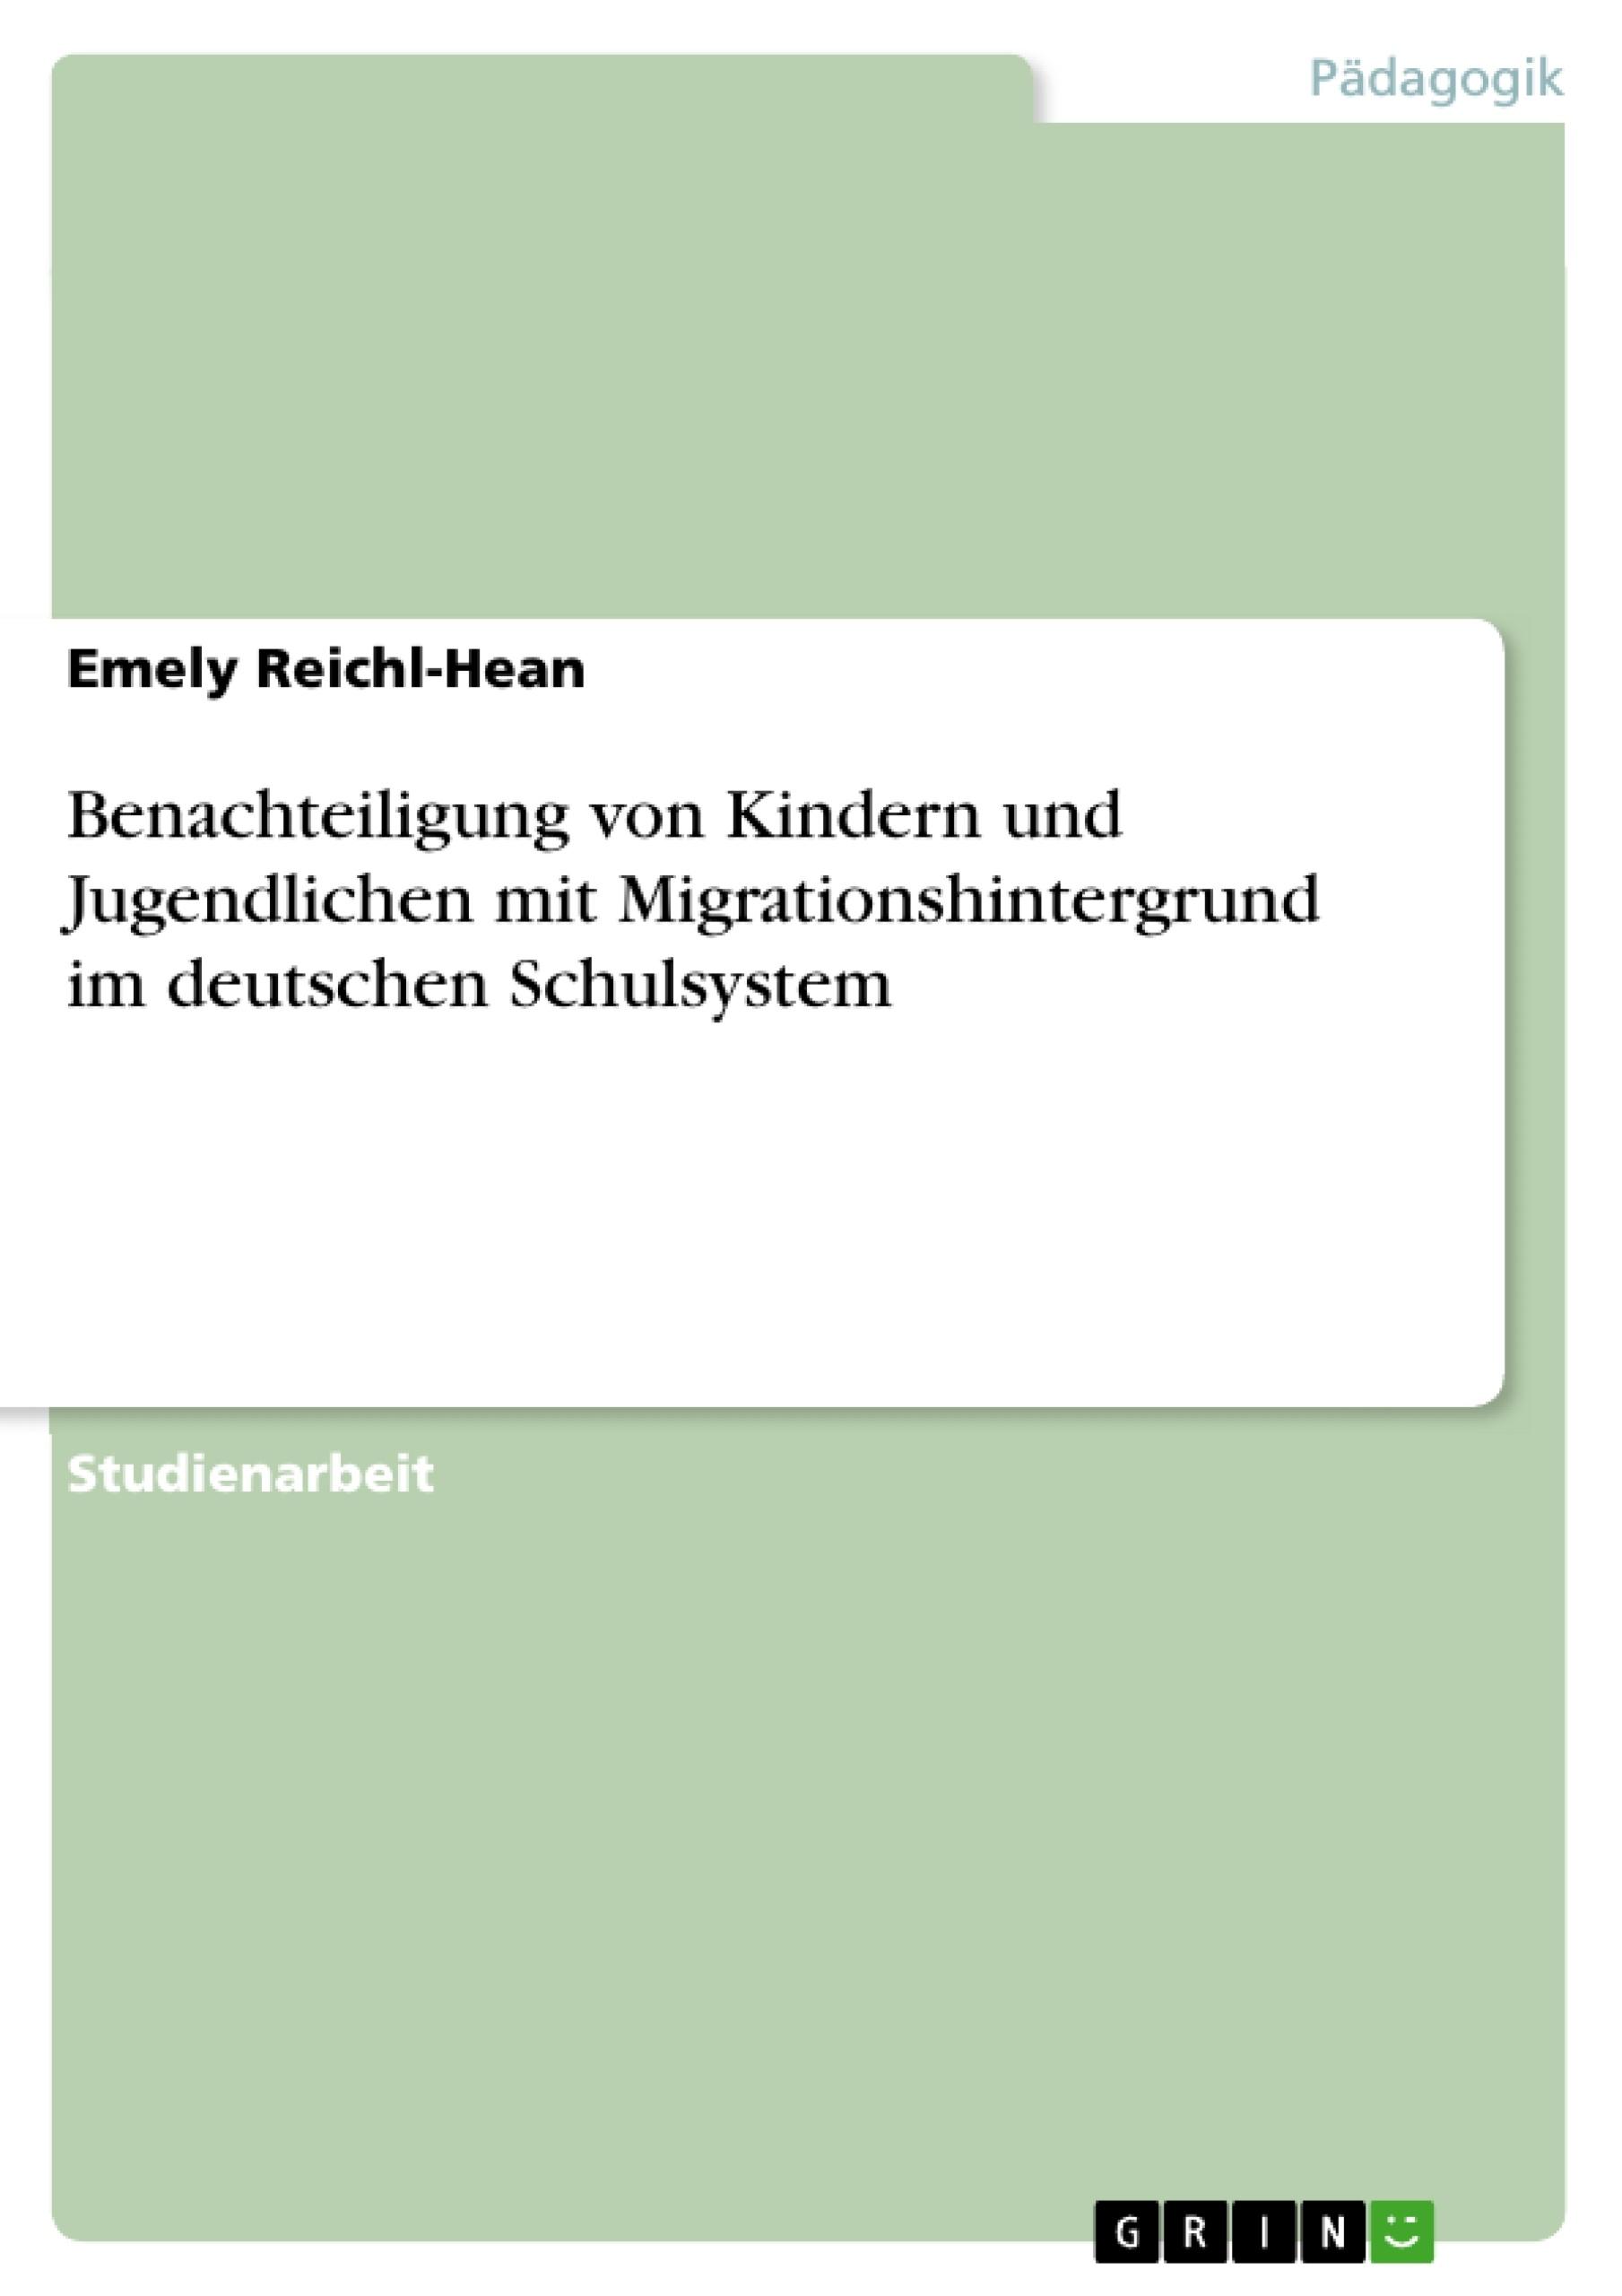 Titel: Benachteiligung von Kindern und Jugendlichen mit Migrationshintergrund im deutschen Schulsystem